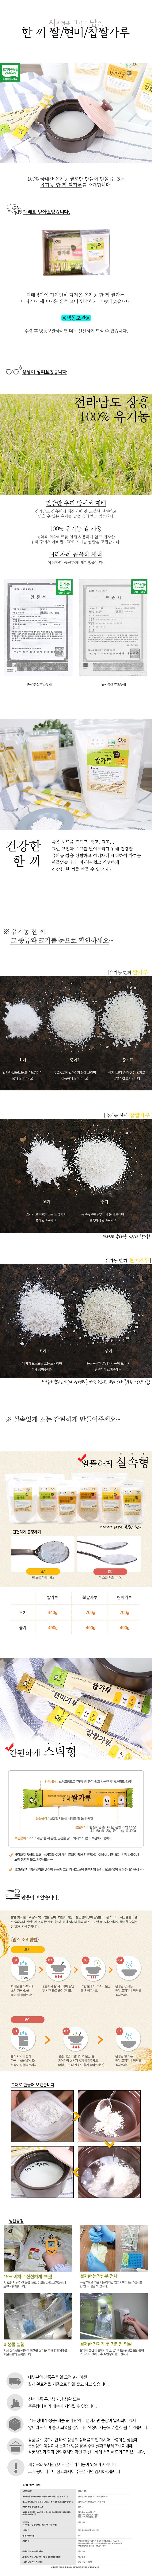 한 끼 유기농 쌀가루/현미가루/찹쌀가루 - 테이스티푸드, 9,500원, 면류, 국수/소면/쌀국수